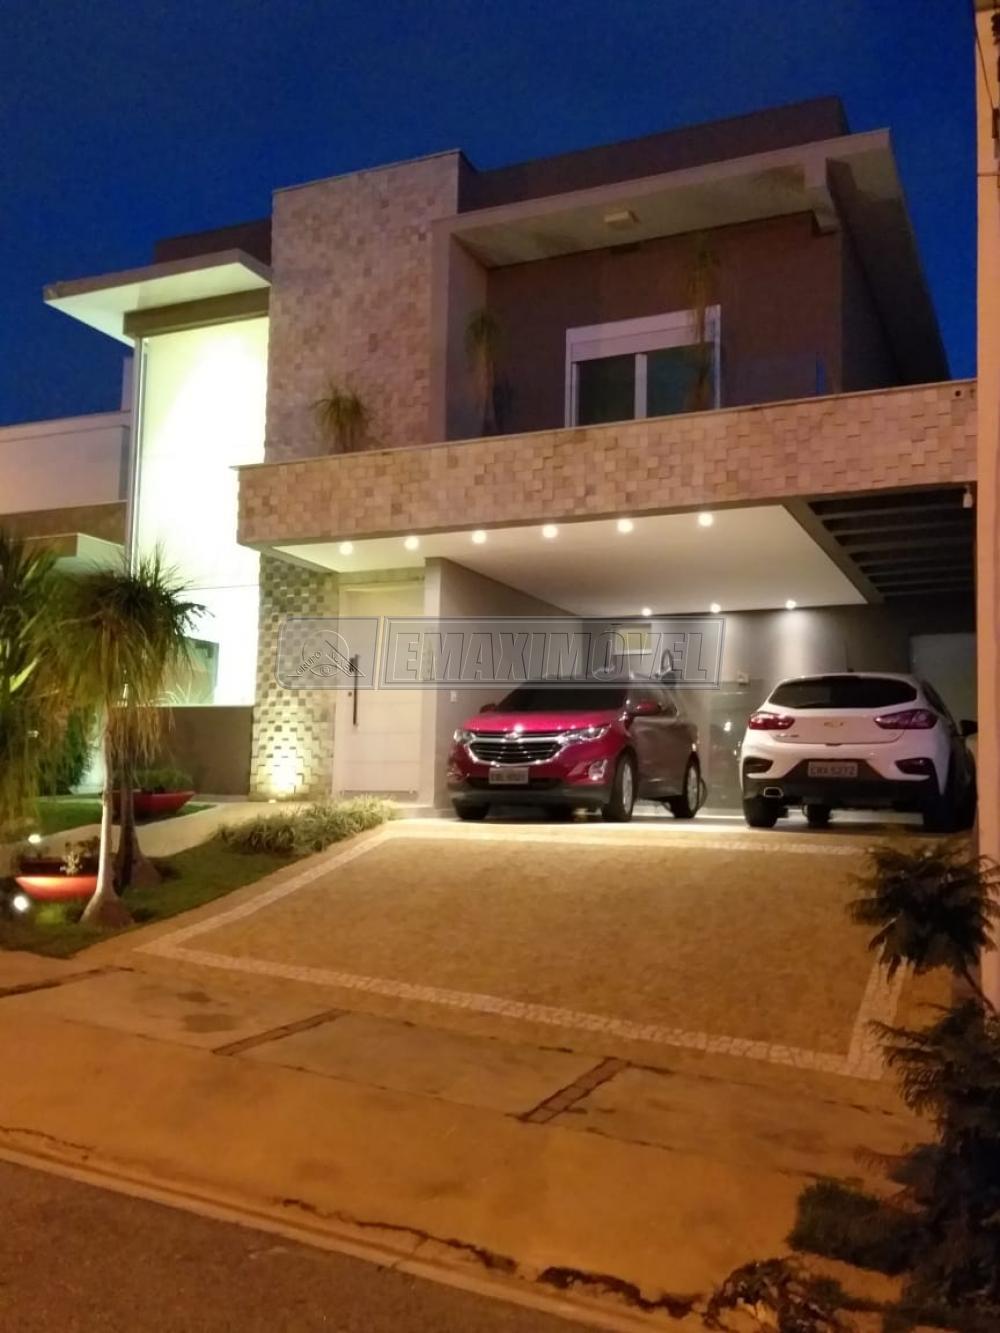 Alugar Casas / em Condomínios em Sorocaba apenas R$ 12.000,00 - Foto 2